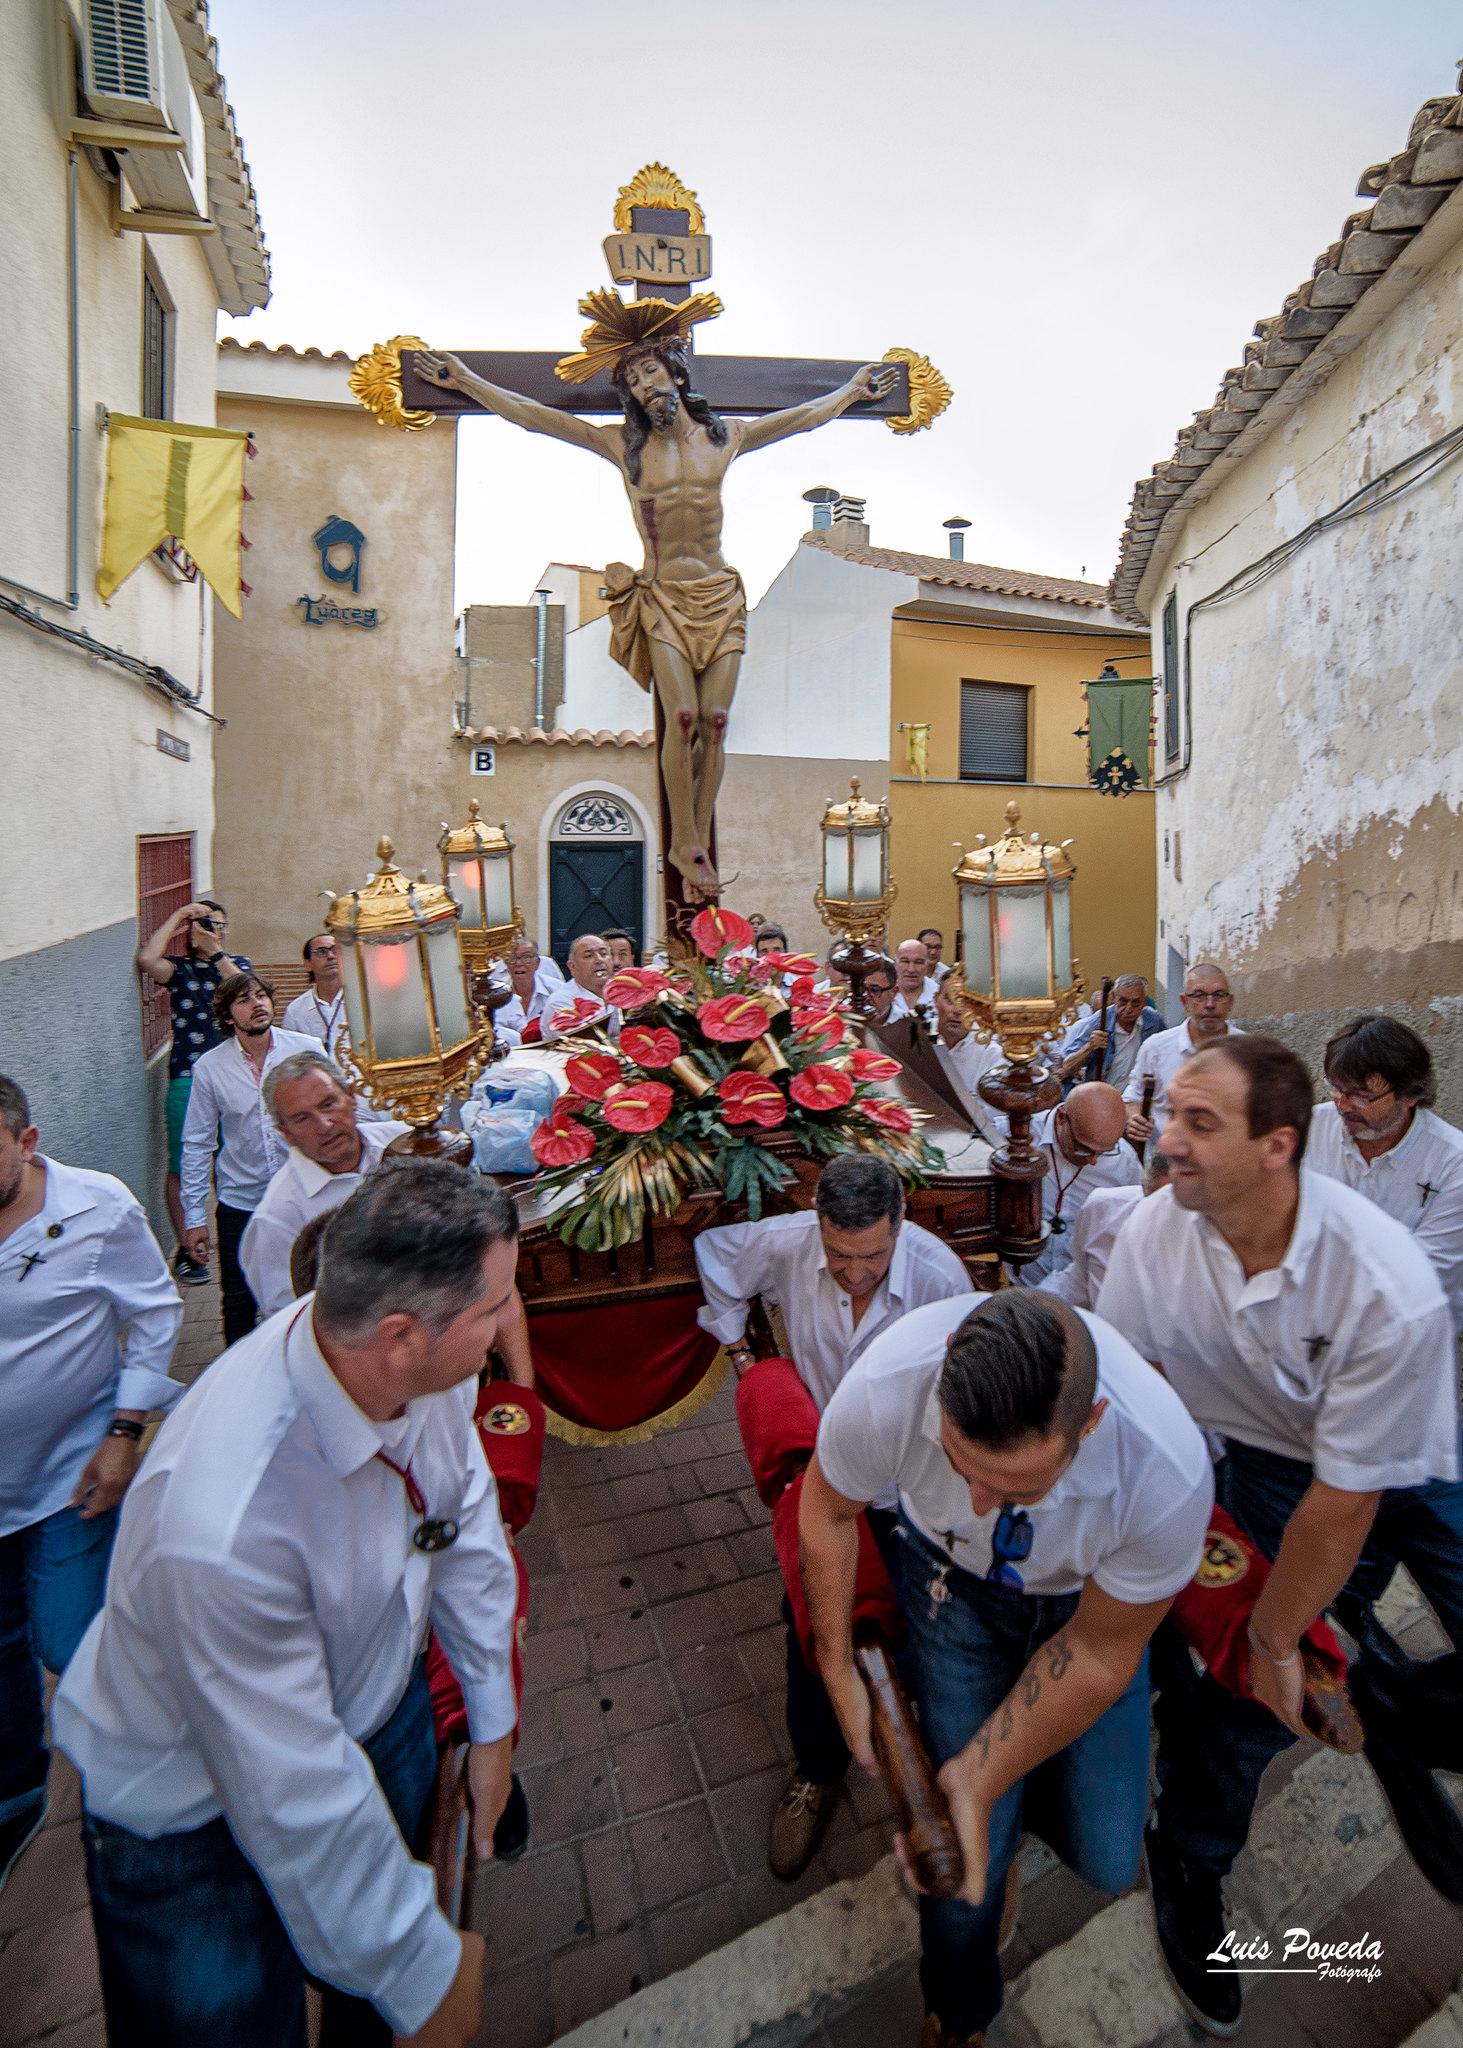 (2018-07-01) - Procesión de subida - Luis Poveda Galiano (14)